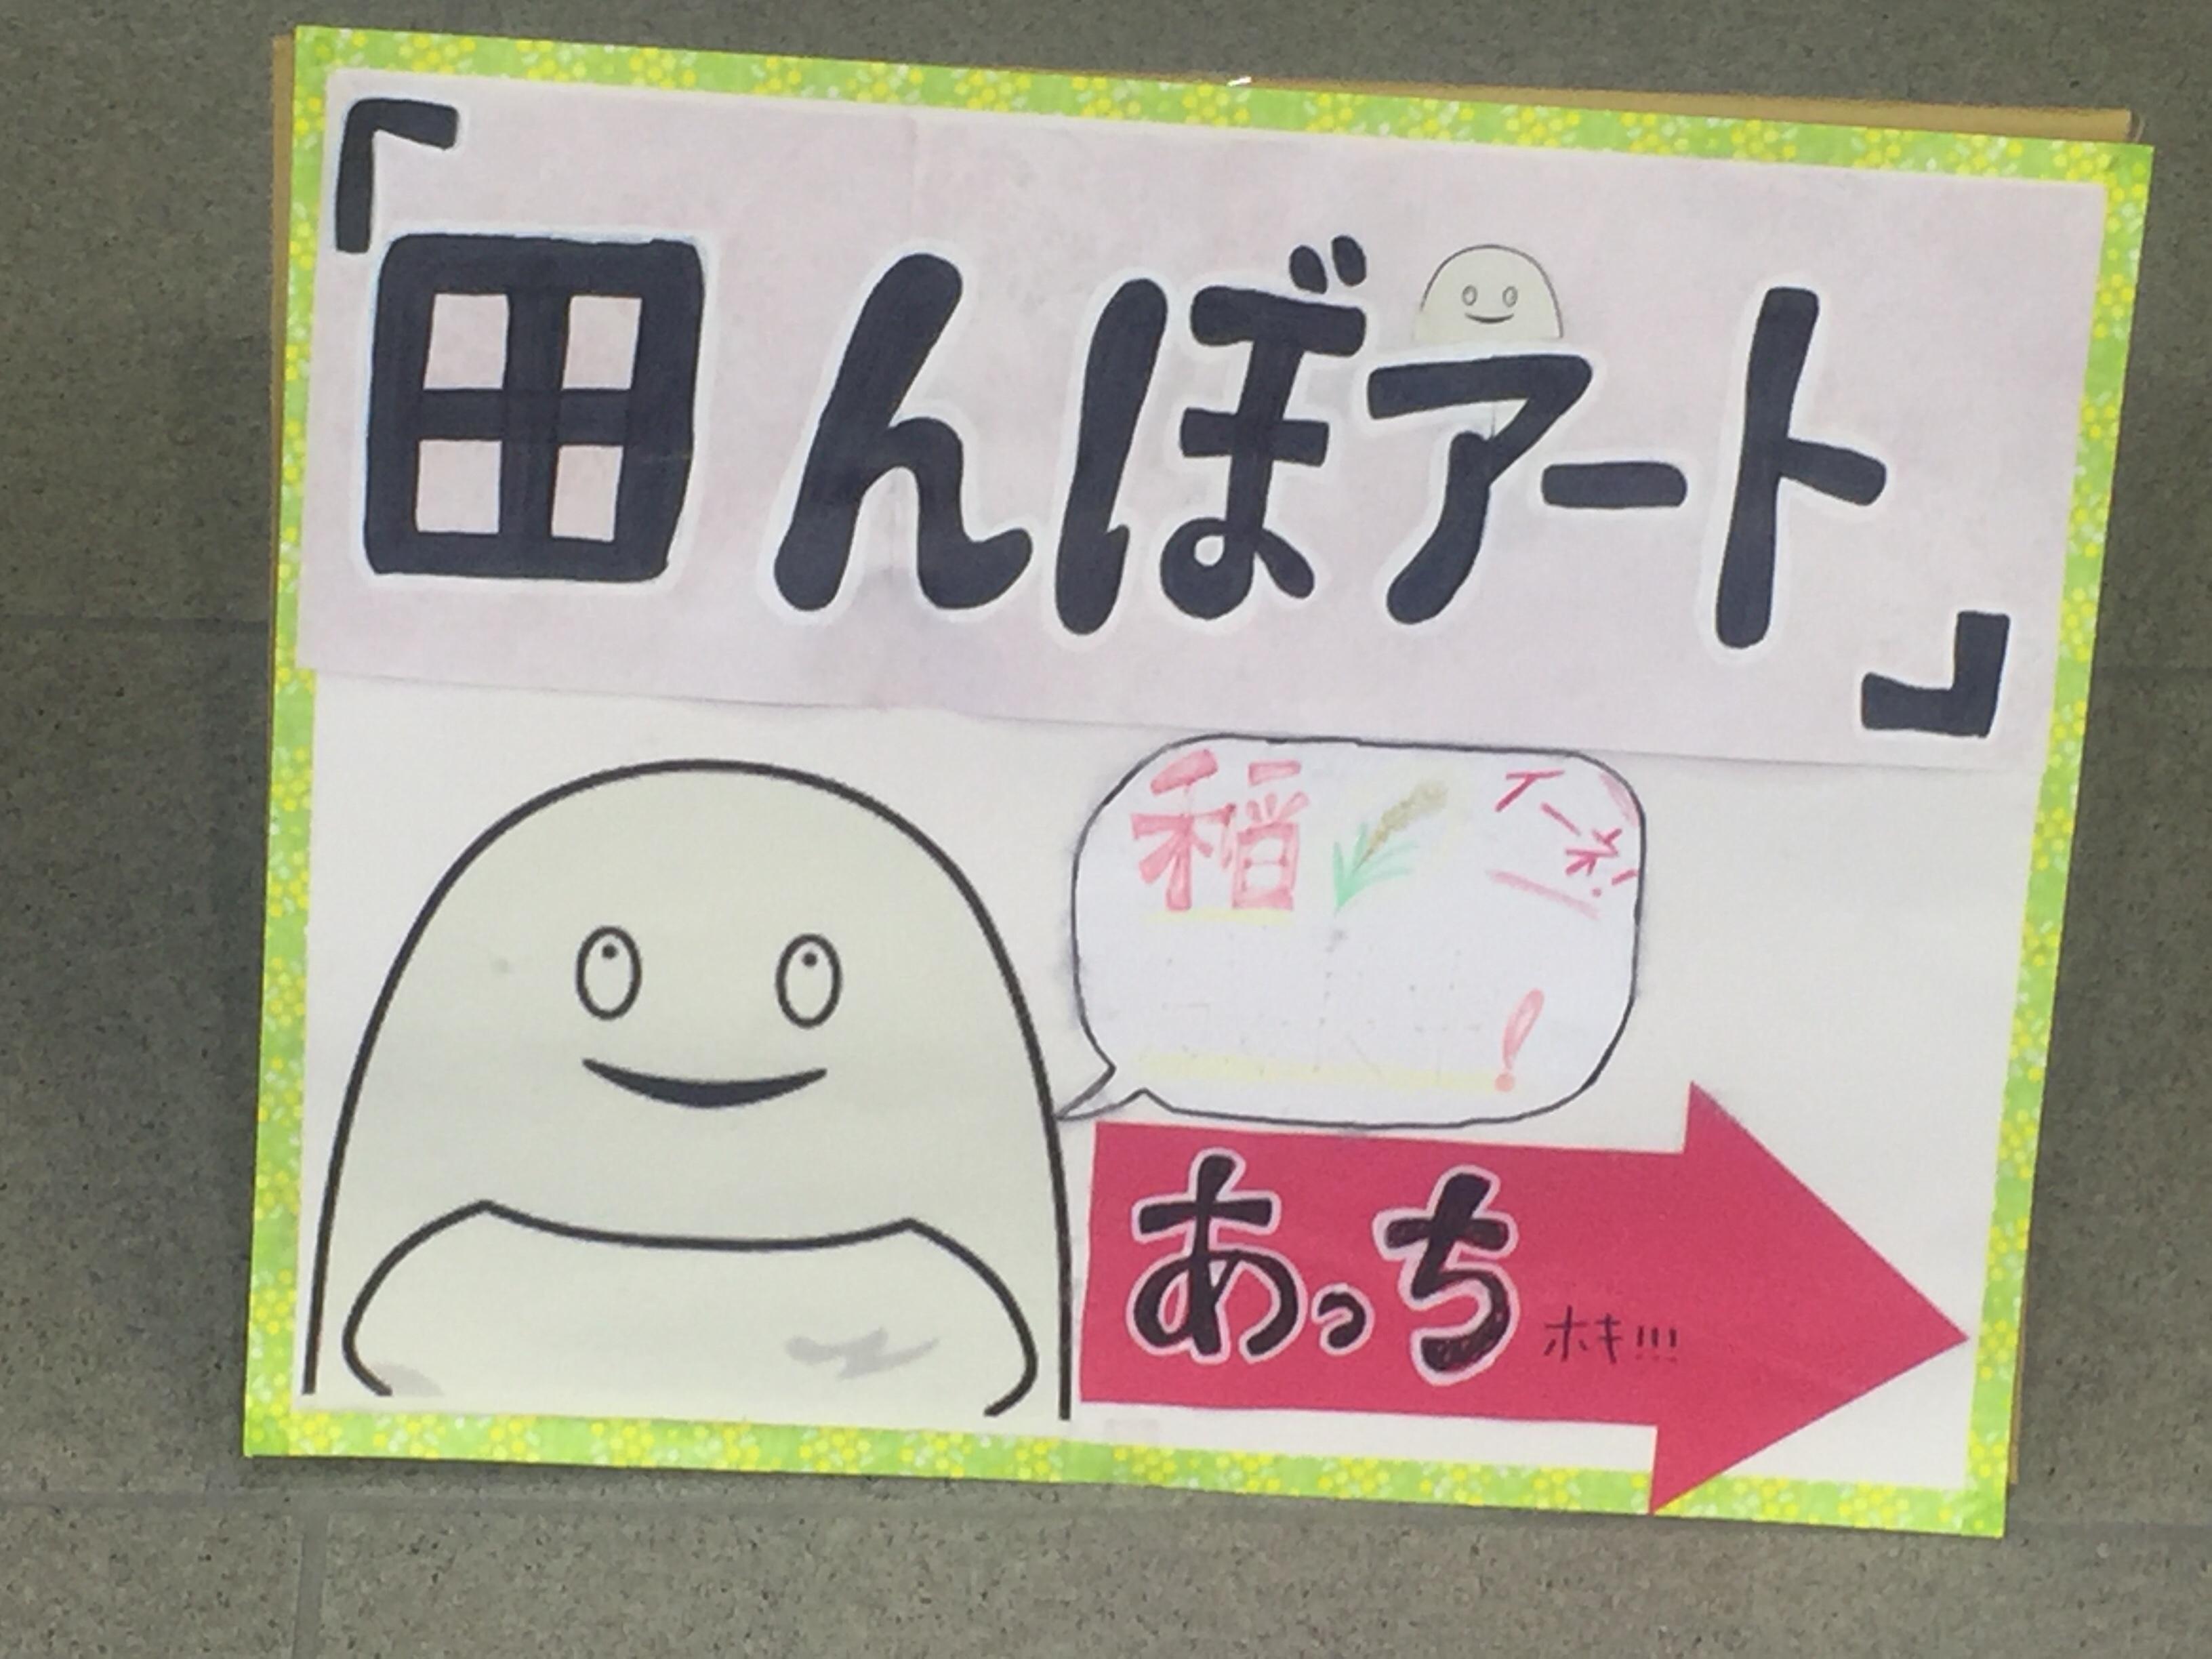 新函館北斗駅では、1日目にずーしーほっきーの田んぼアートを撮影しましたが、失敗しましたので、ここでリベンジを決行です。(その時のブログは、こちら)